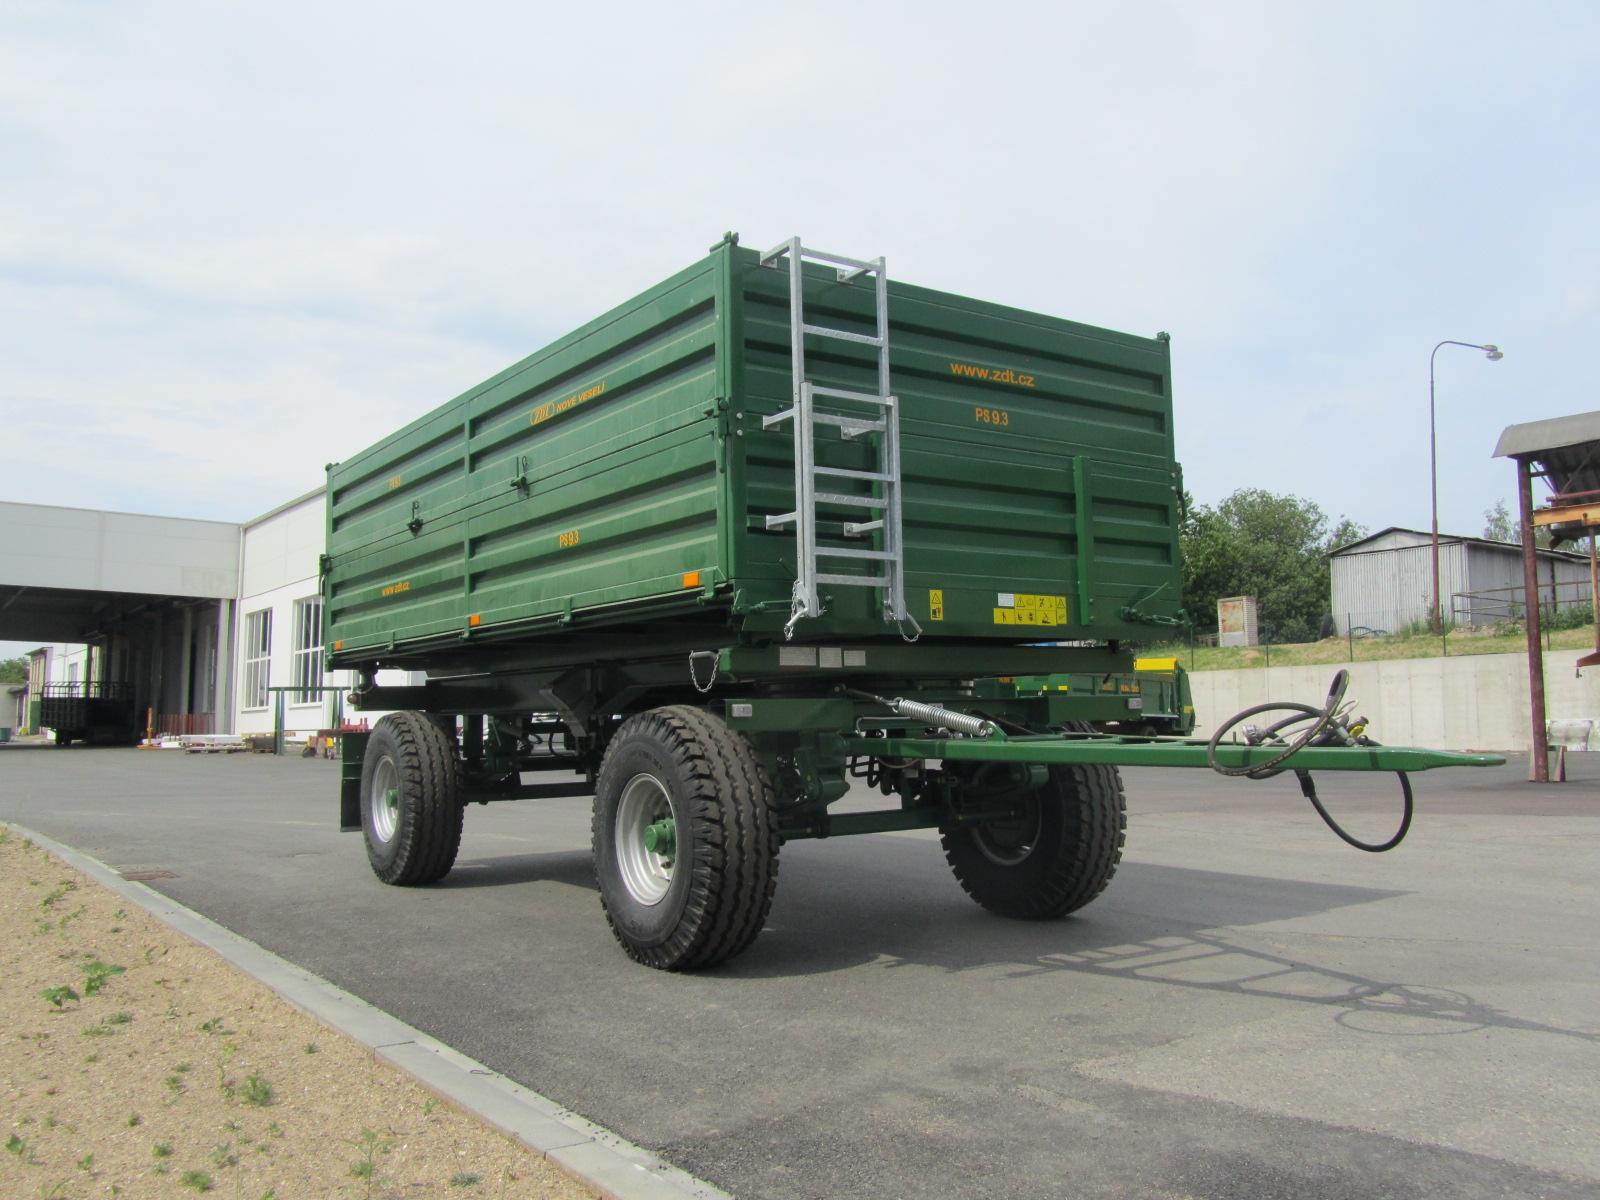 Třístranně sklápěný traktorový přívěs PS 5.3 Možnost nástavků 500 mm. Nosnost 5 t Max. rychlost 25 k...